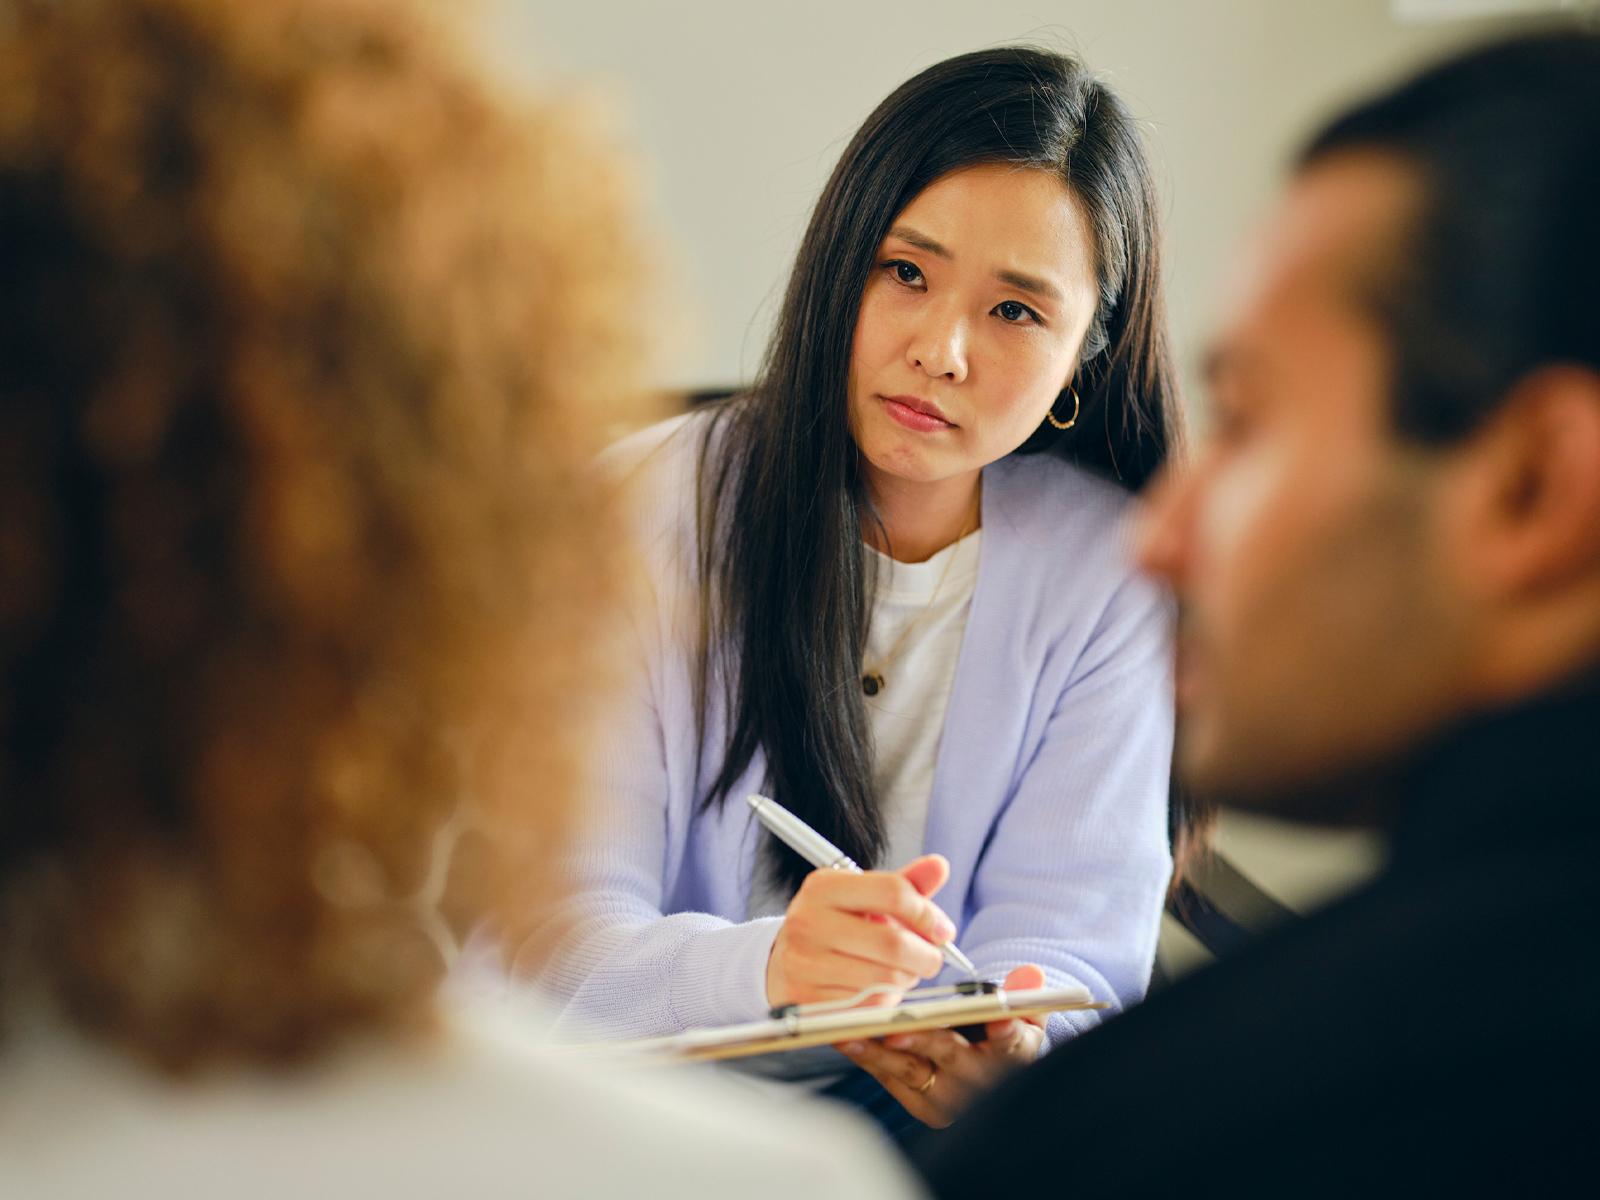 A-importância-de-um-bom-conselho-no-relacionamento